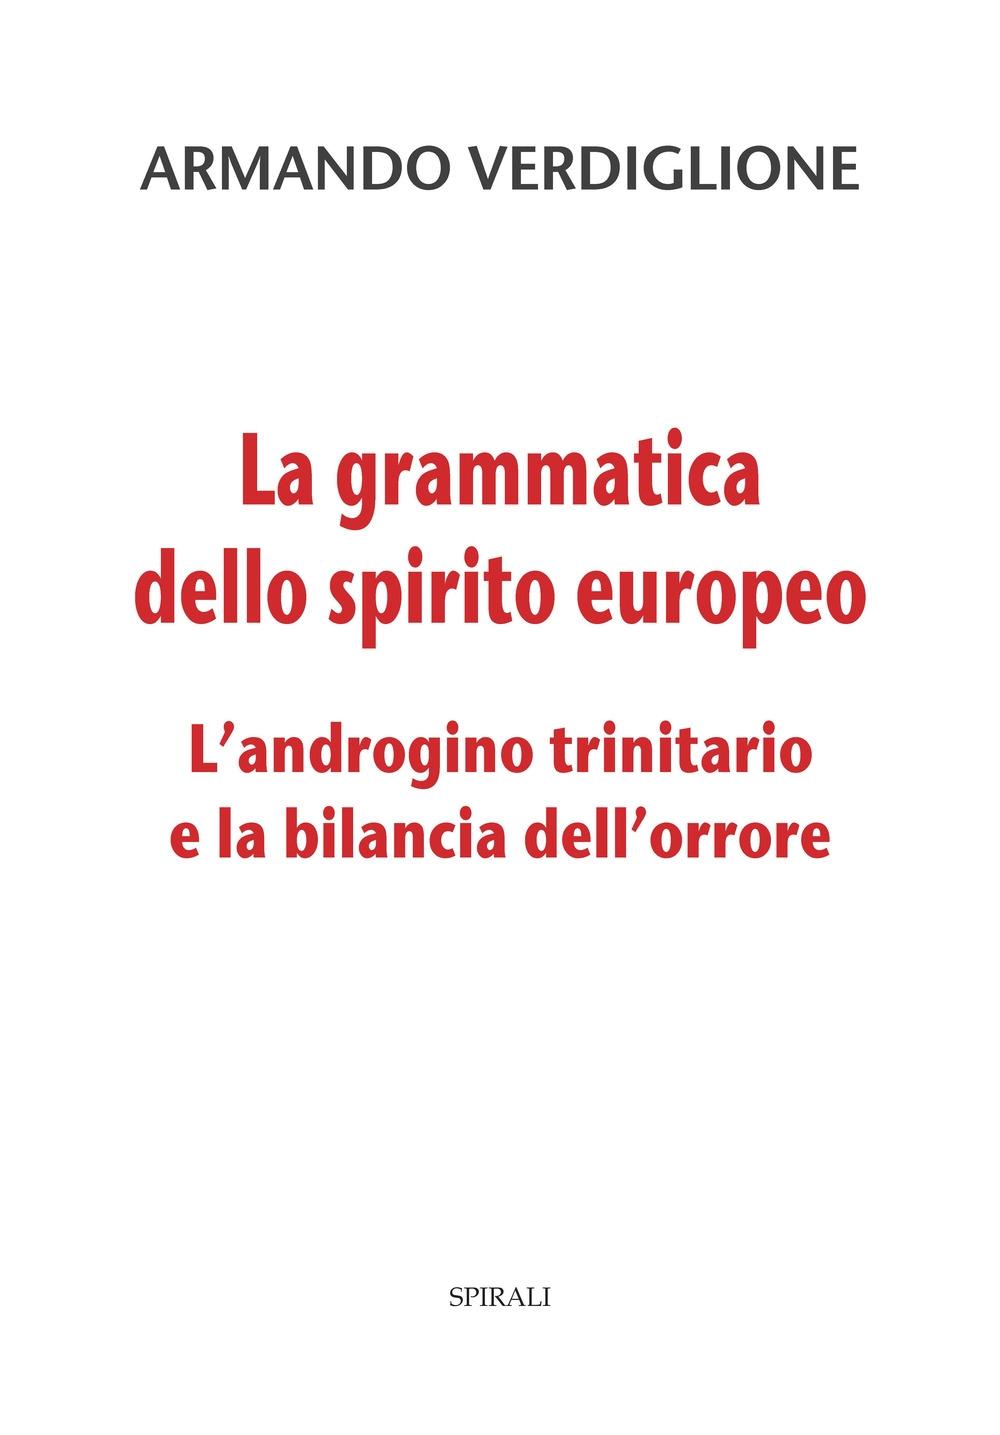 La grammatica dello spirito europeo. L'androgino trinitario e la bilancia dell'orrore